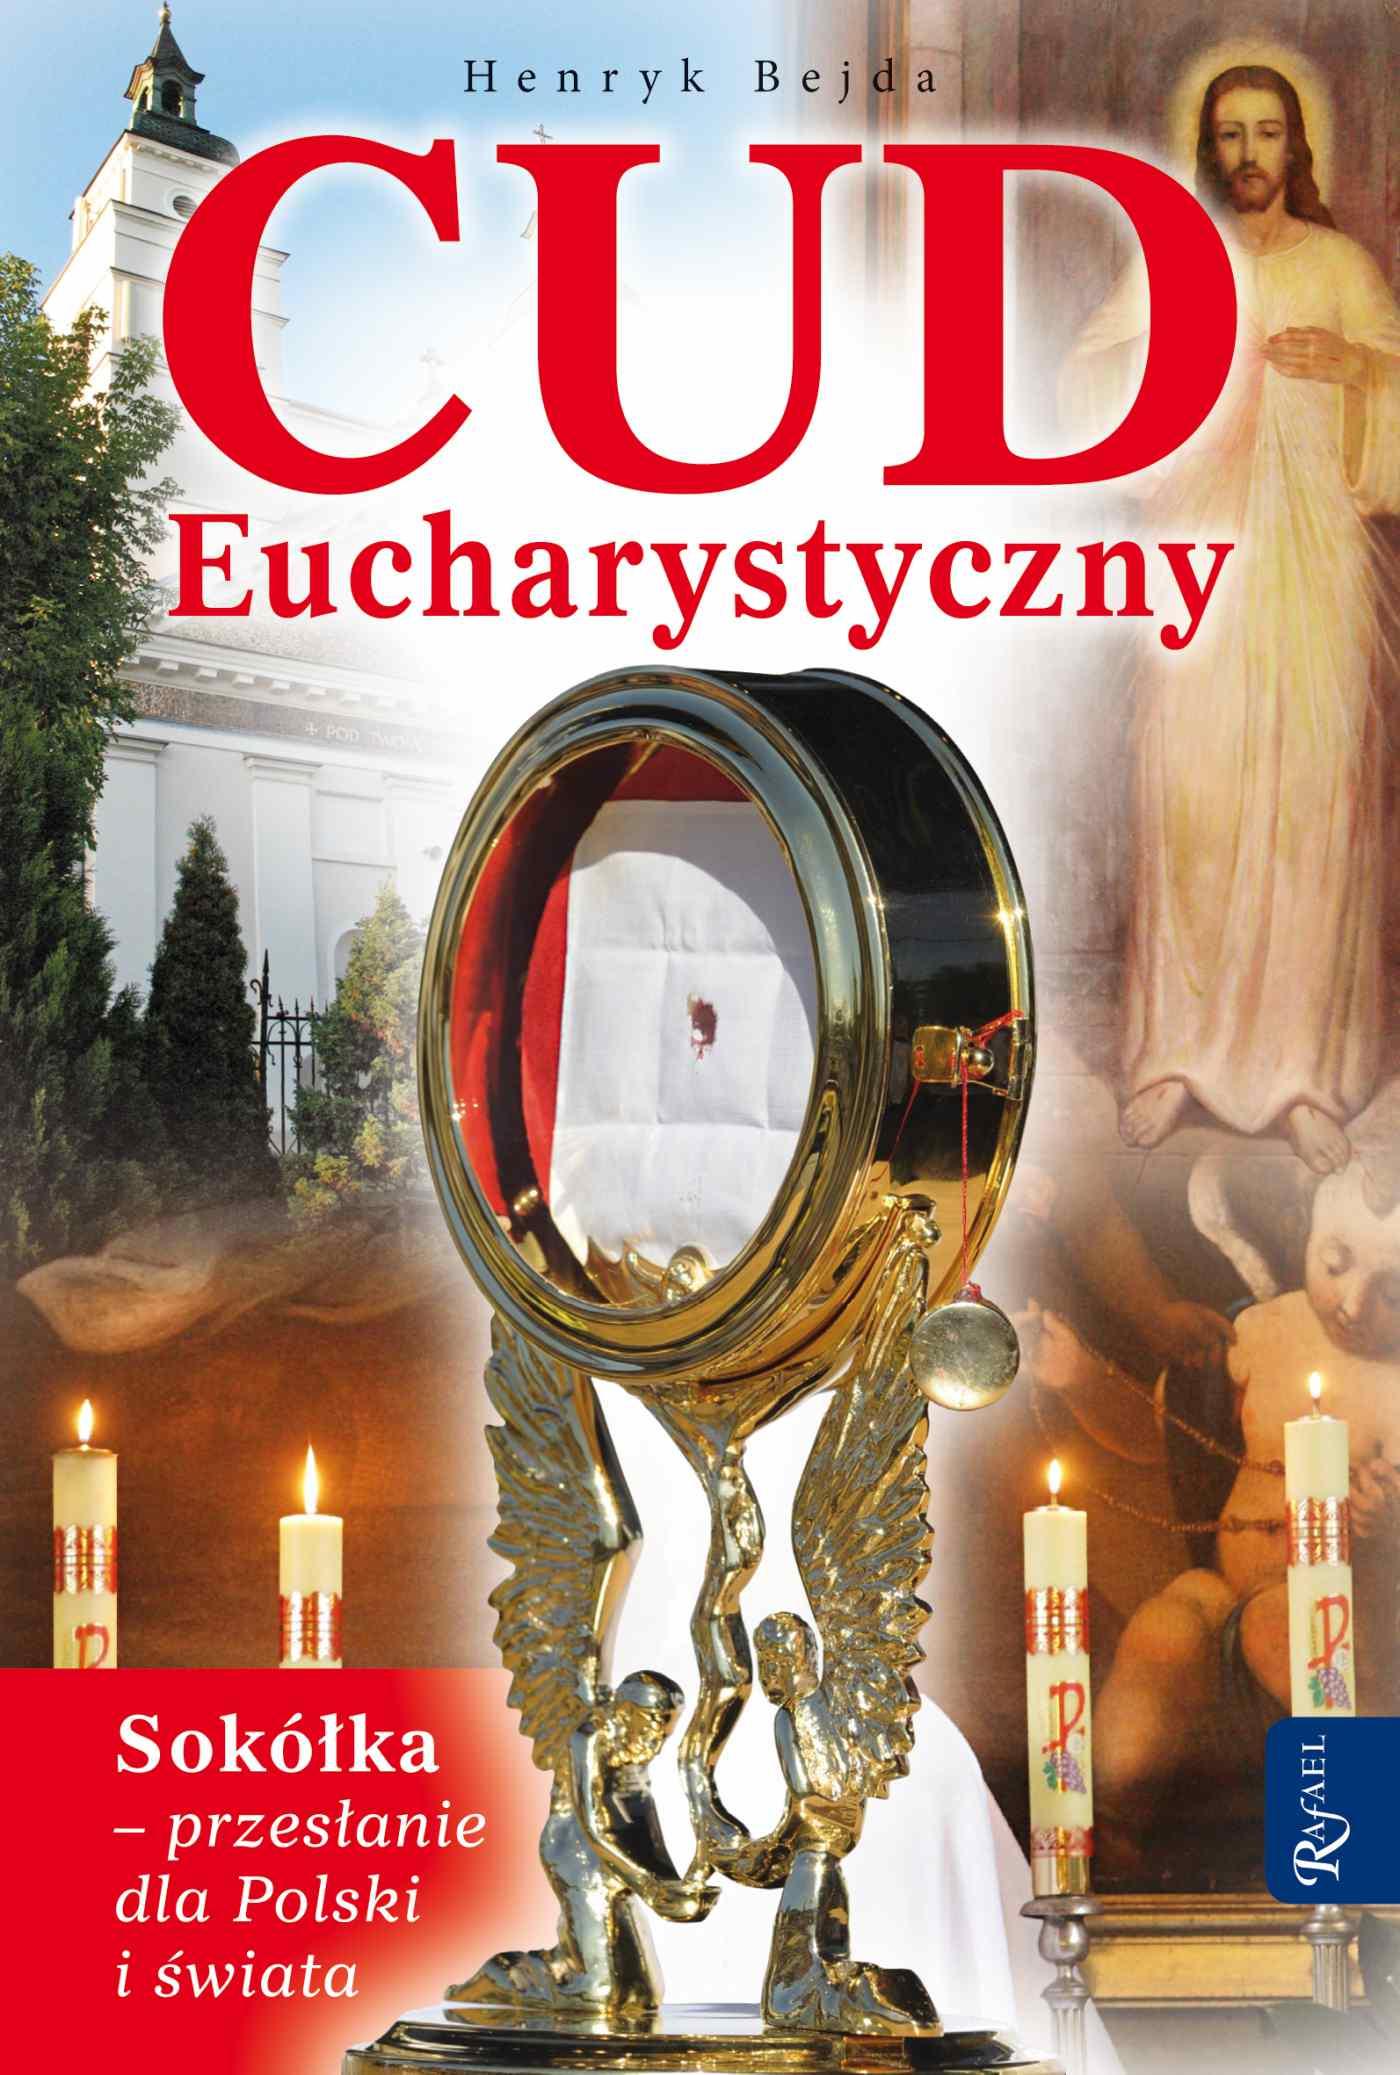 Cud Eucharystyczny. Sokółka - przesłanie dla Polski i świata - Audiobook (Książka audio MP3) do pobrania w całości w archiwum ZIP